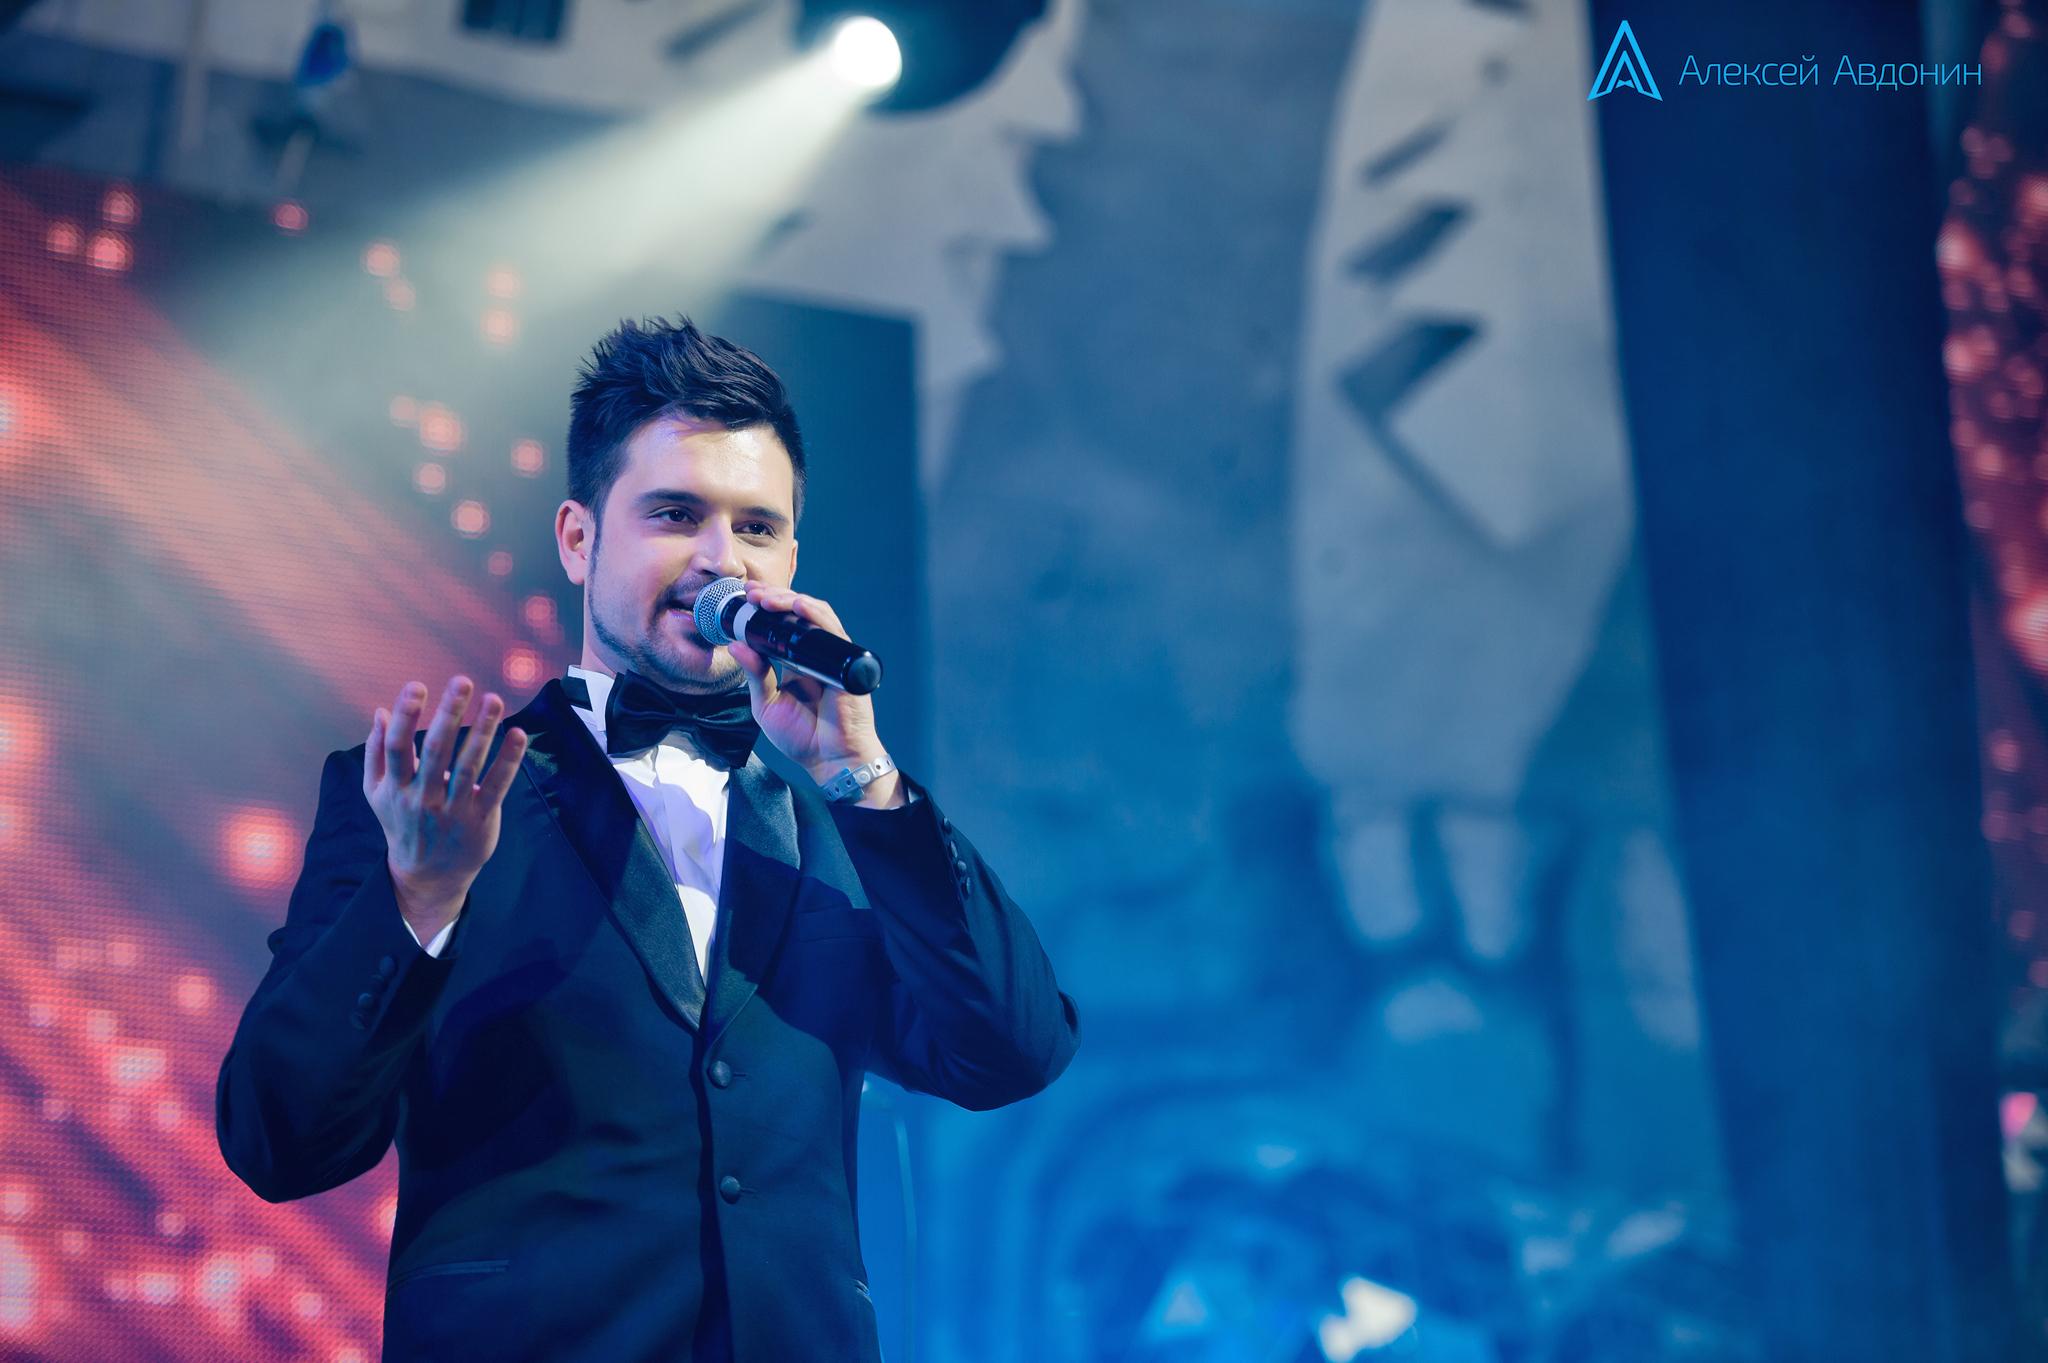 Алексей Авдонин - ведущий - Новый год - Bunge - ICON